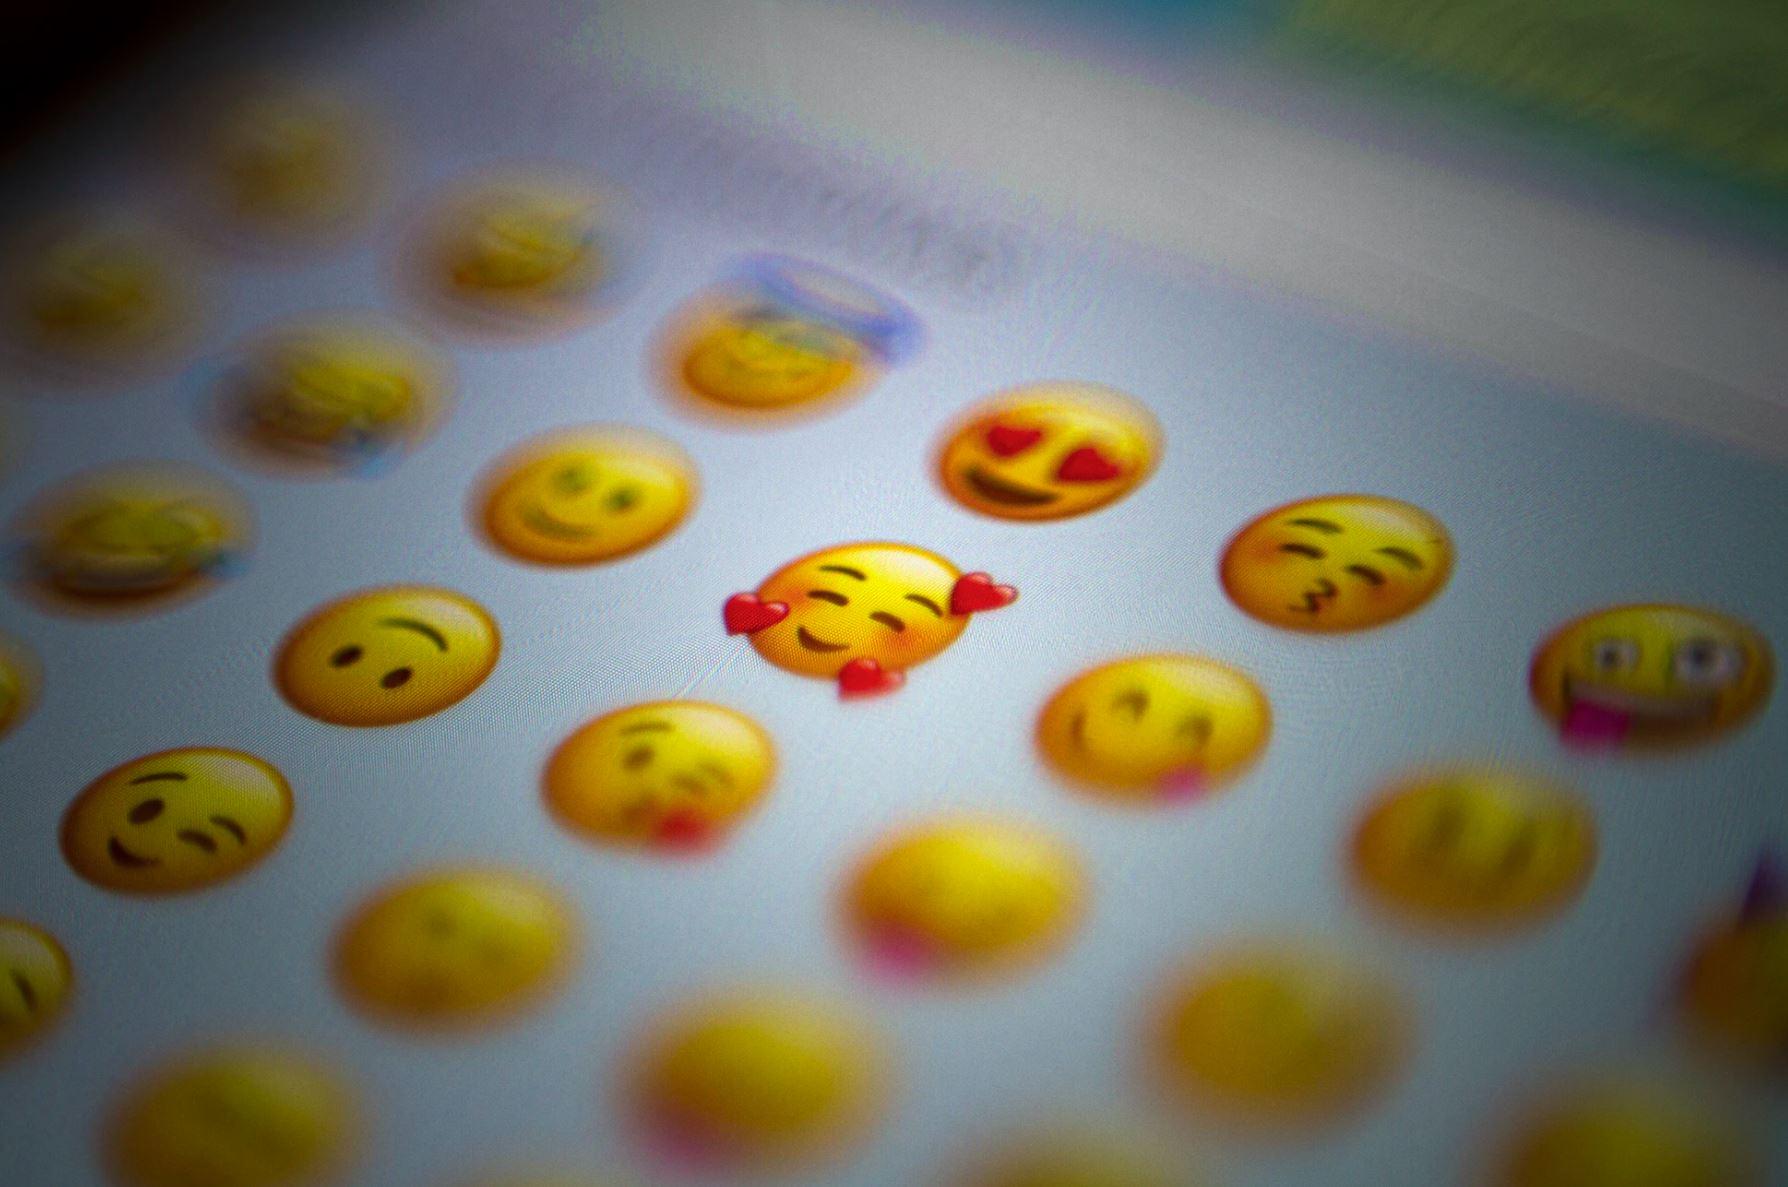 Emojis eigentliche bedeutung 😘💋 Kuss